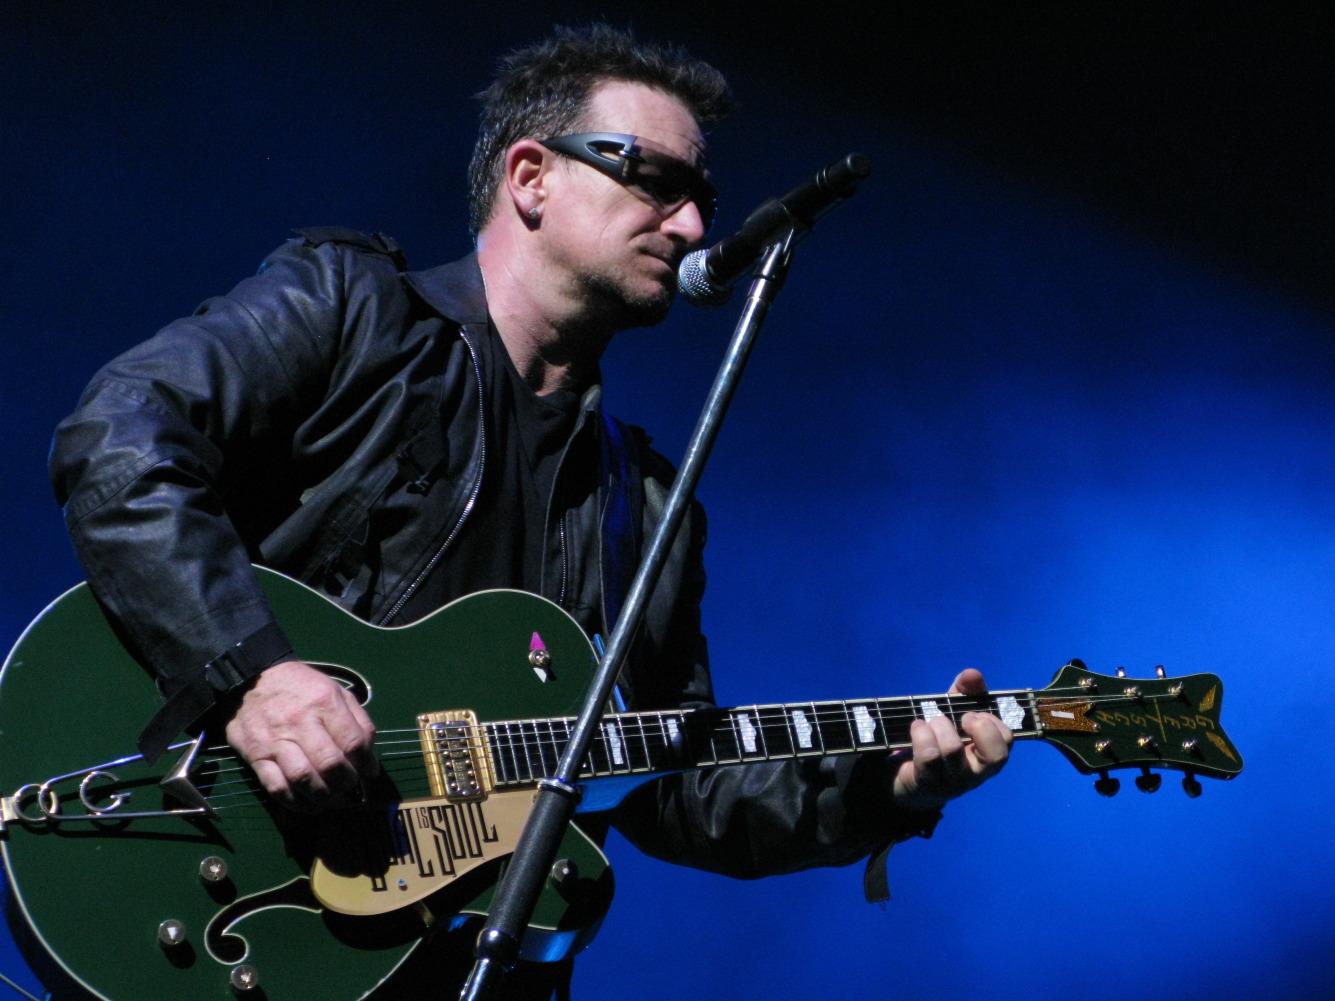 Bono u2 1